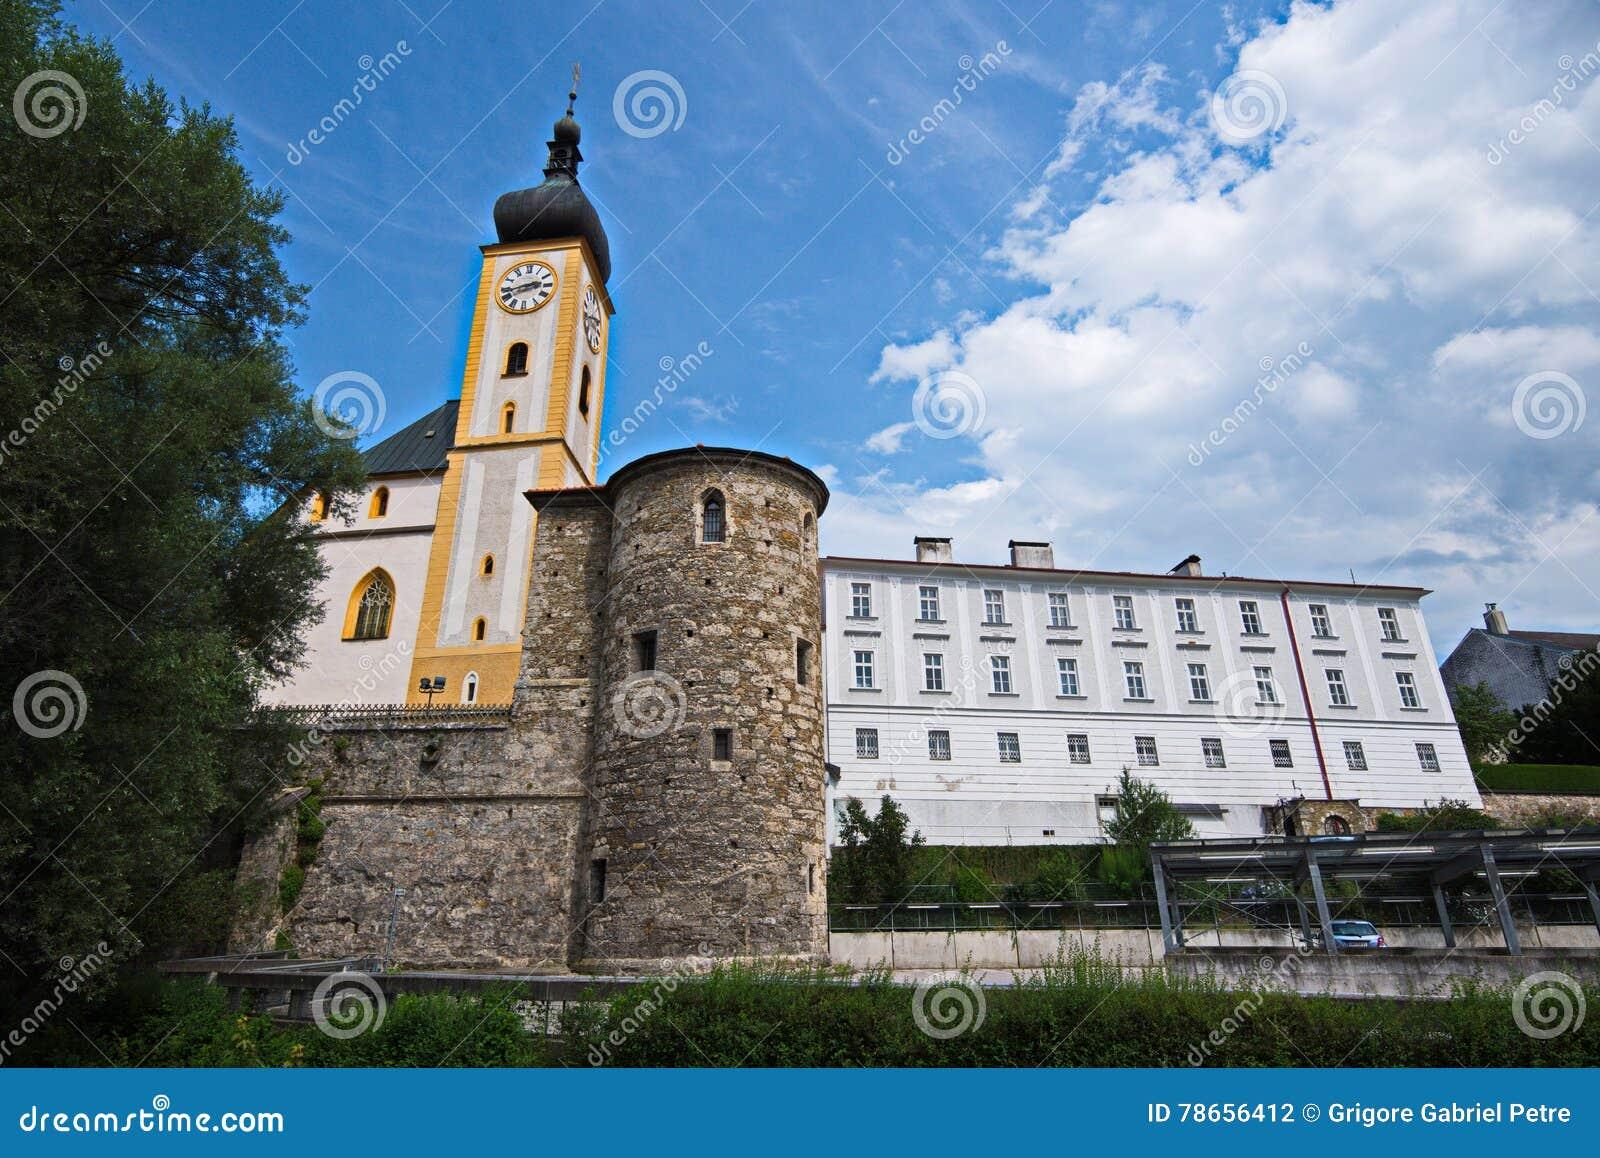 Schloss Rothschild - castello in Austria